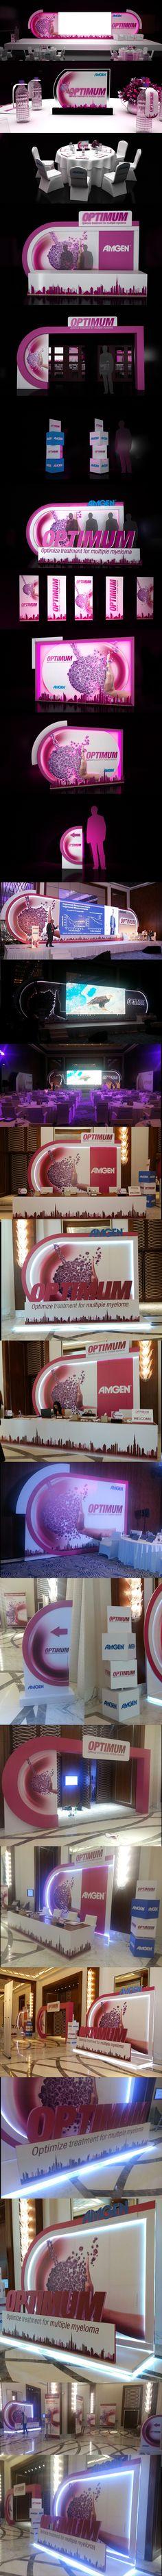 Optimum UAE Event